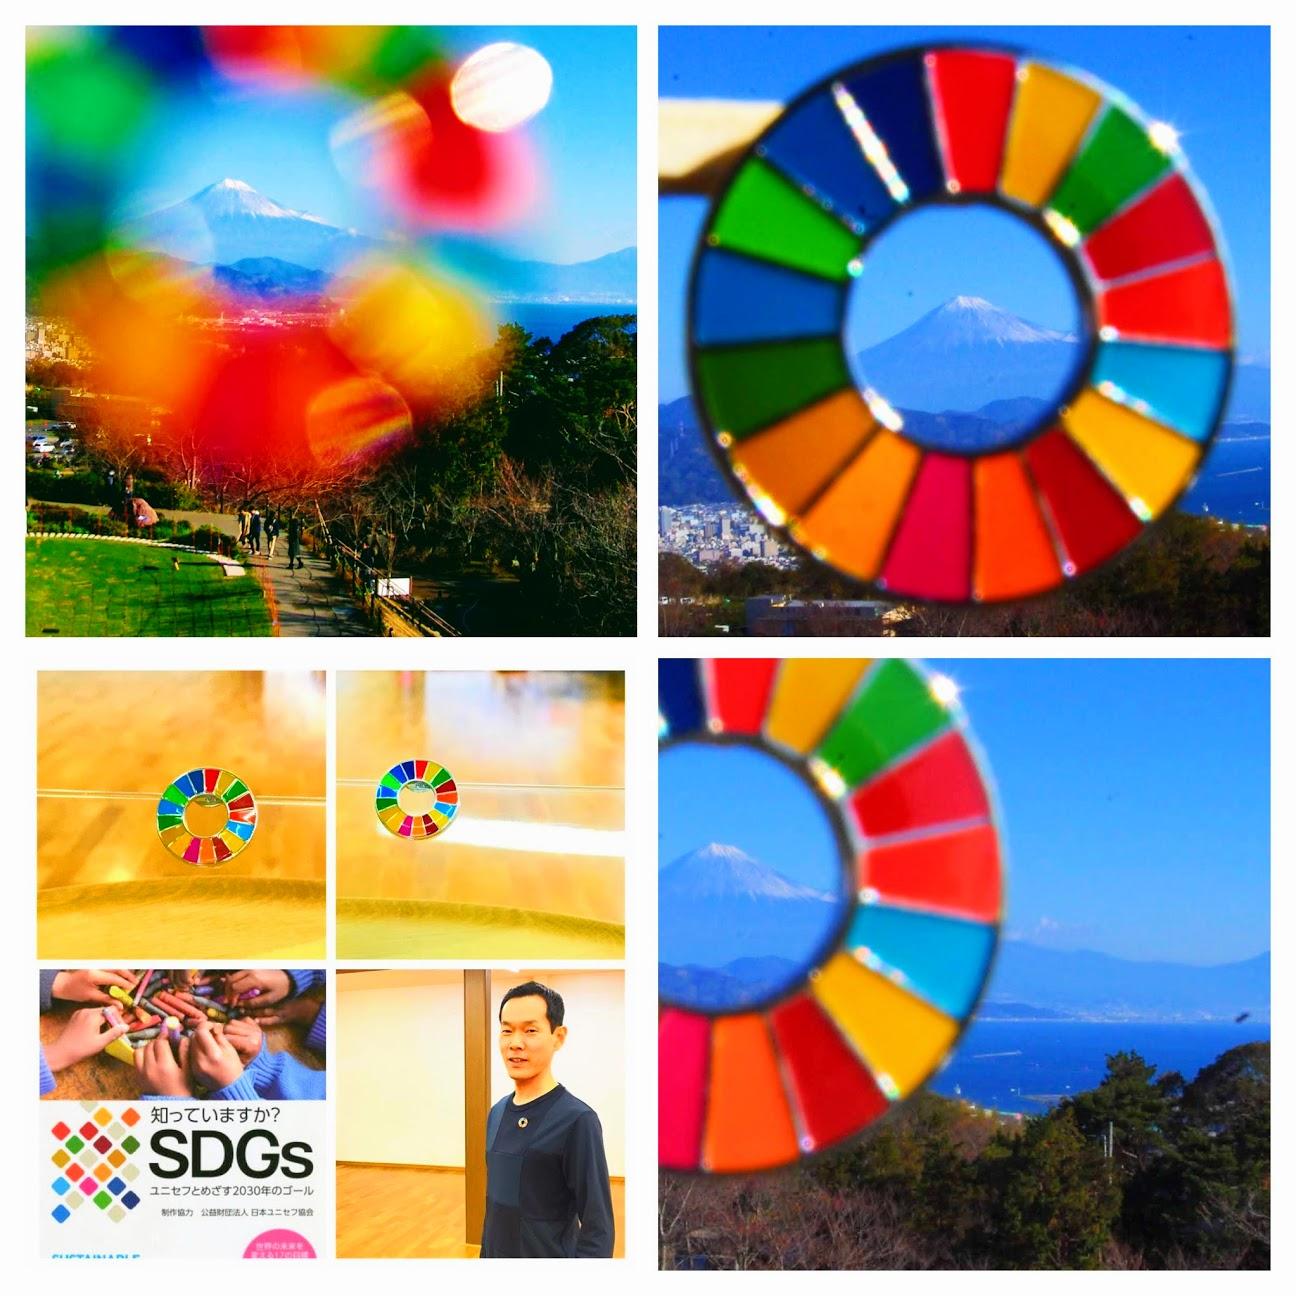 SDGs 静岡市清水区